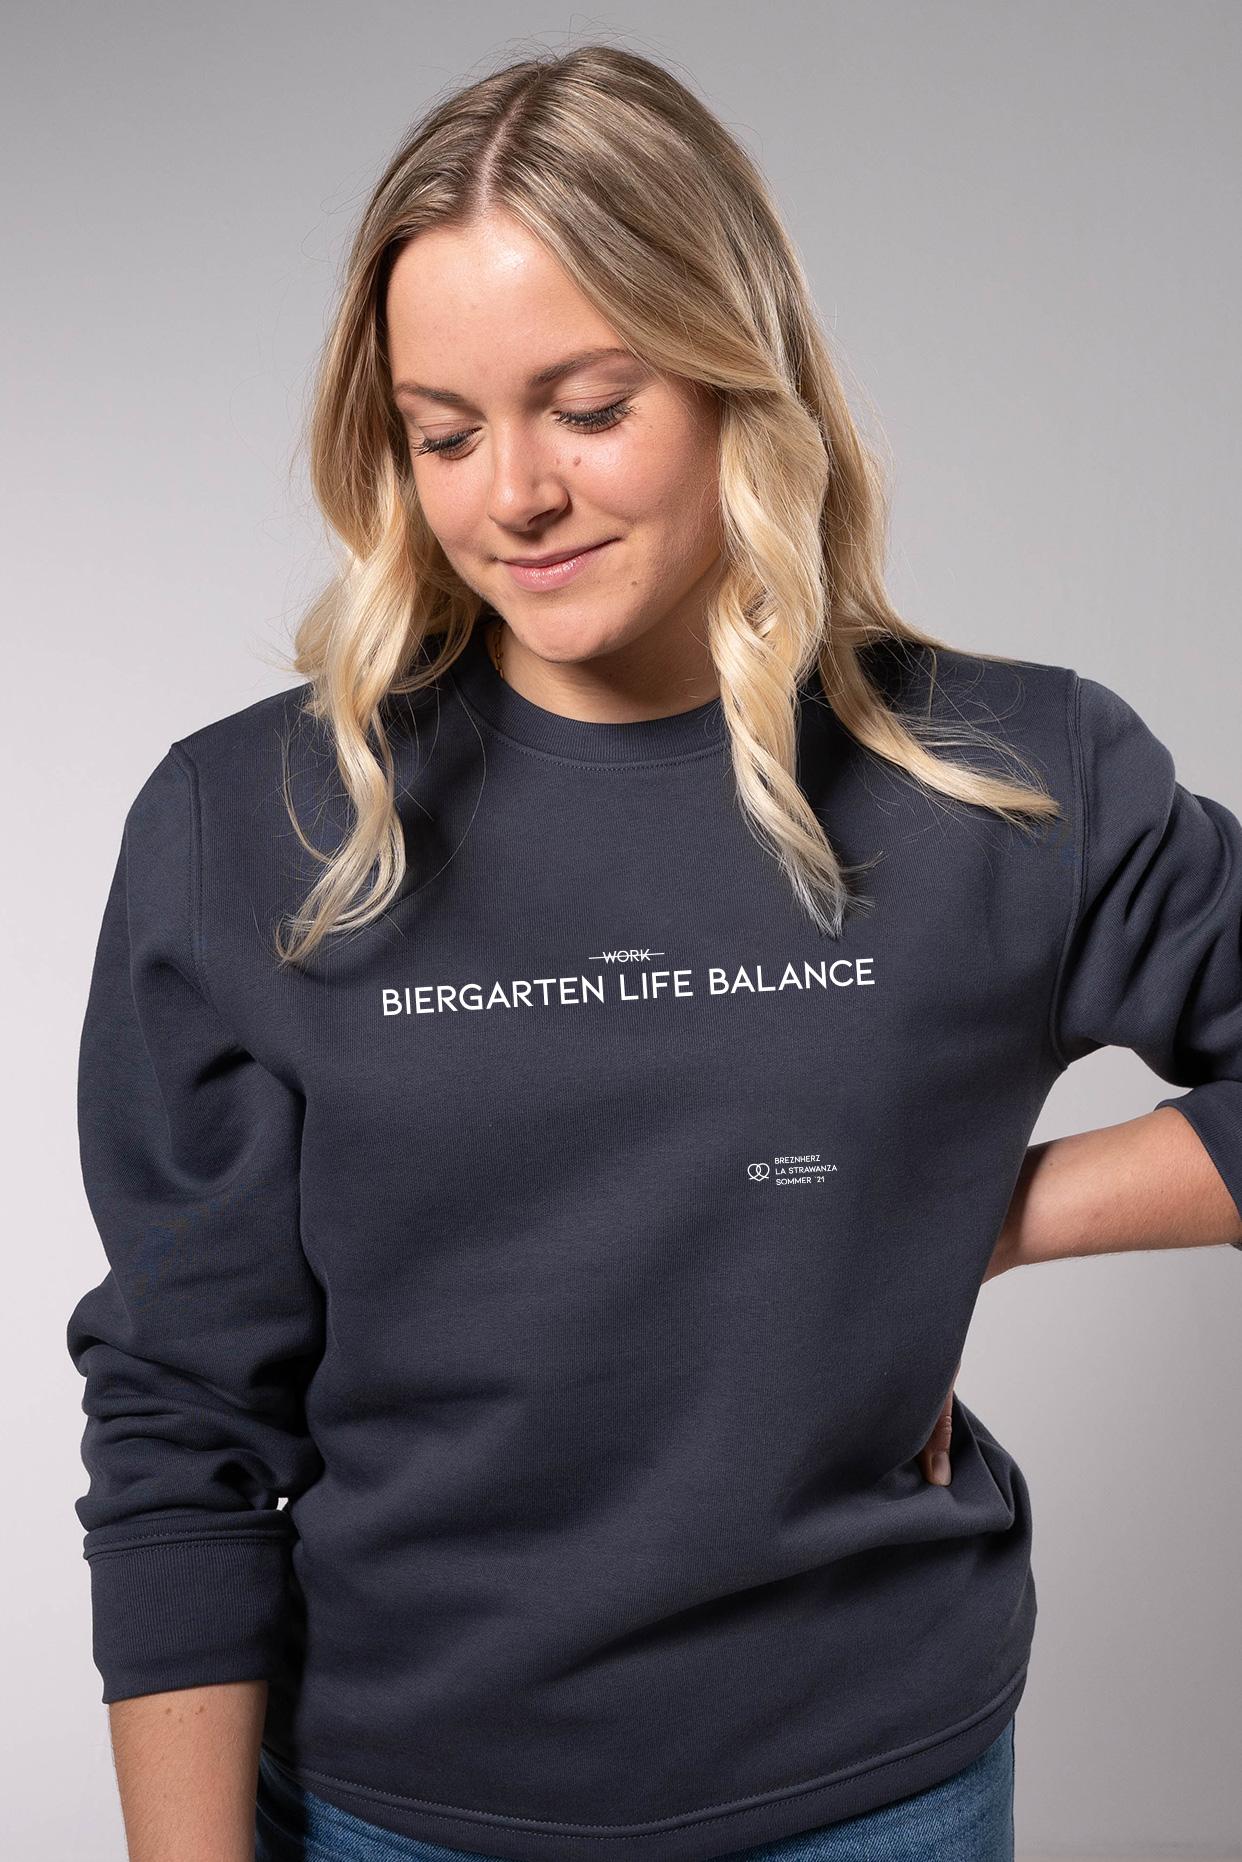 Biergarten Life Balance Sweater